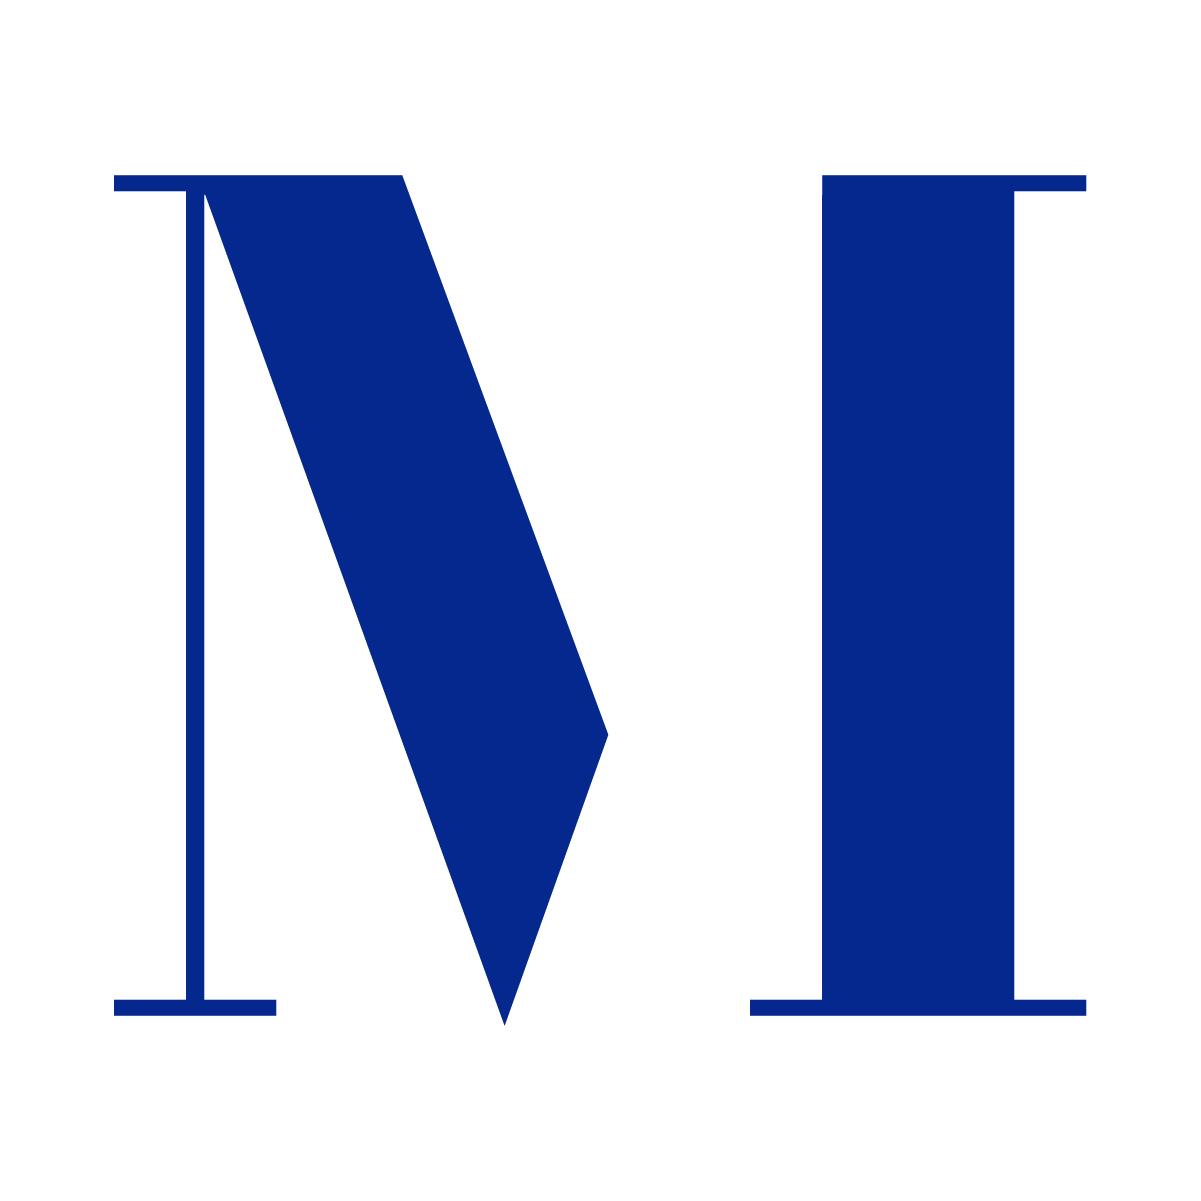 MillsConsulting_FinalLogo_IconOnly_Navy.jpg